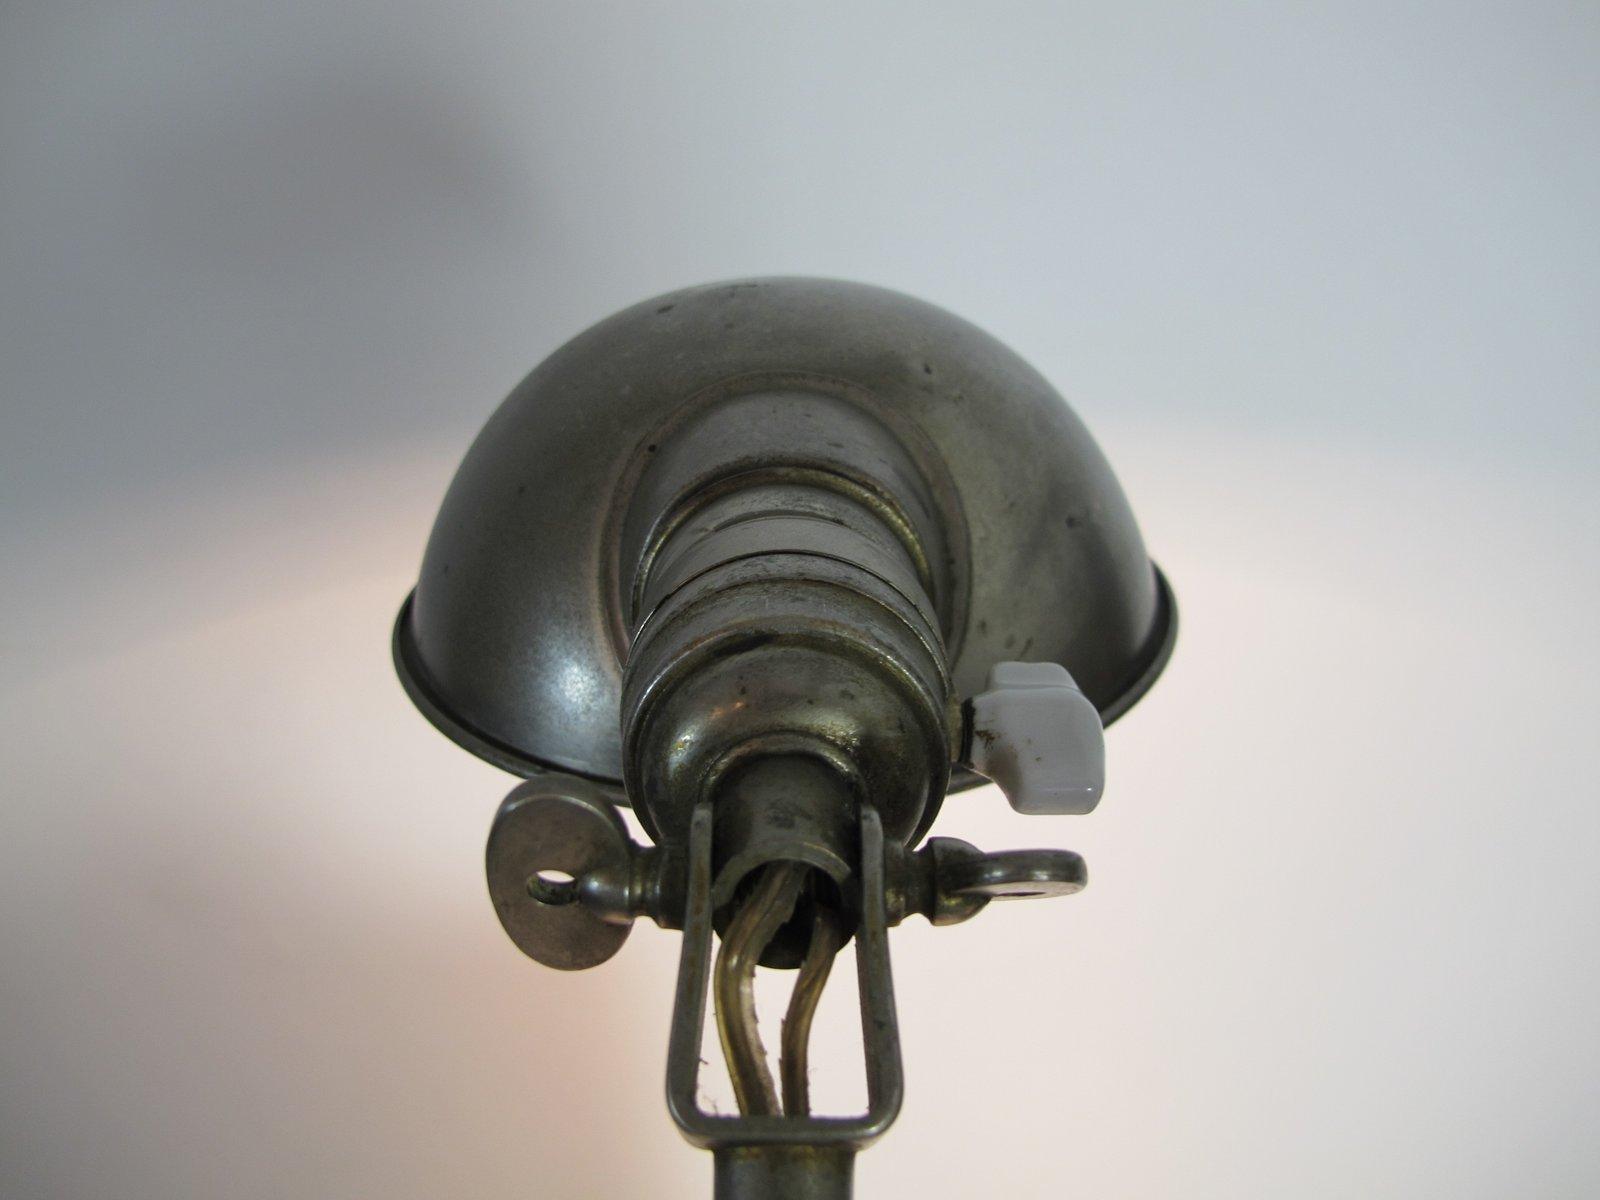 lampe de bureau industrielle 1930s en vente sur pamono. Black Bedroom Furniture Sets. Home Design Ideas